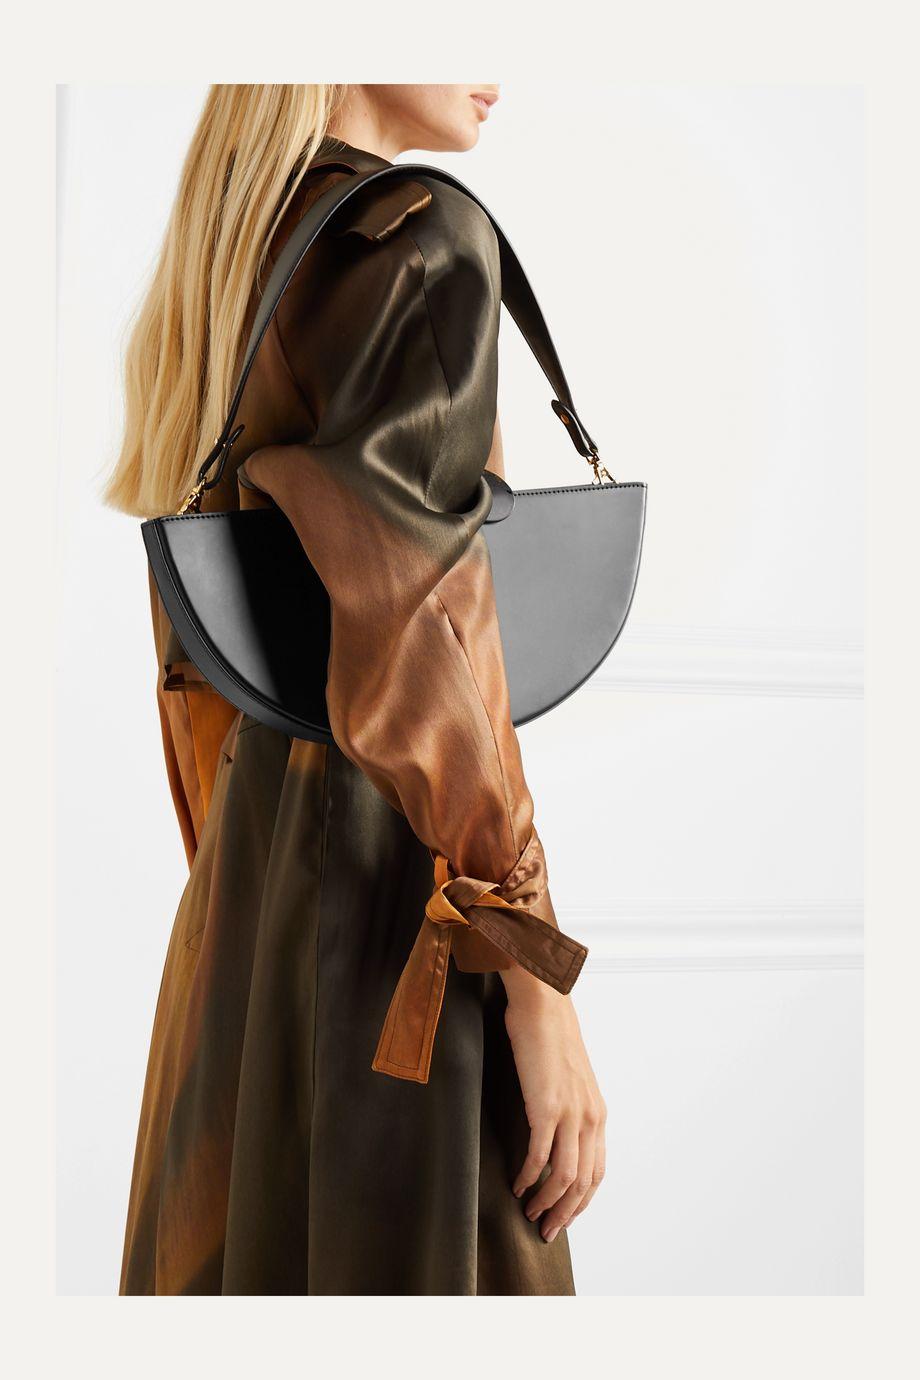 Naturae Sacra Ottava leather and resin tote